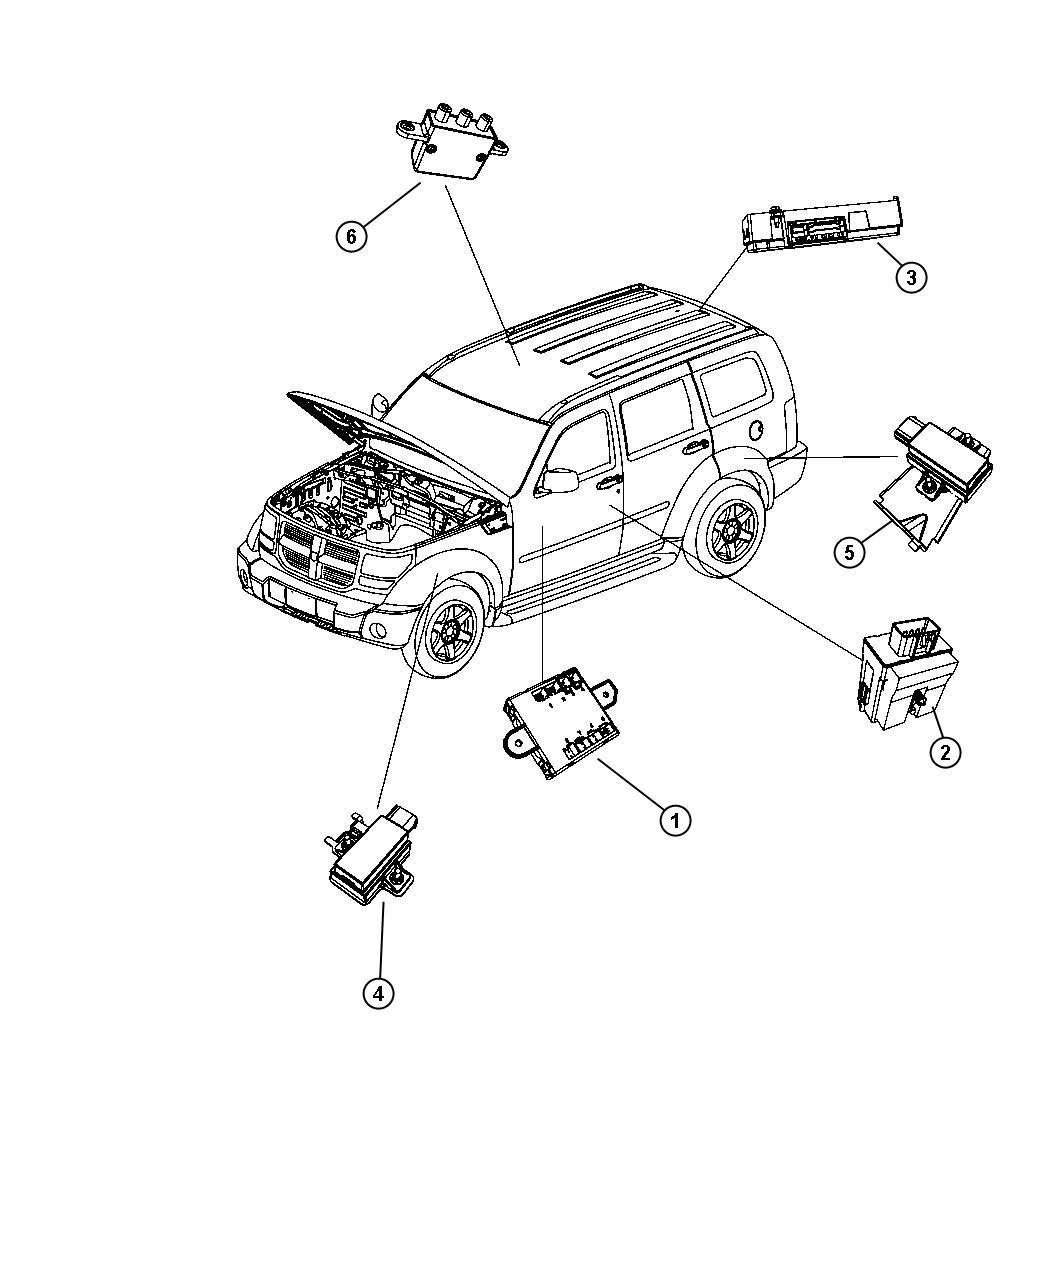 Dodge Nitro Module  Trigger  Tire Pressure  Tire Pressure Monitoring  Rear  Rear Left